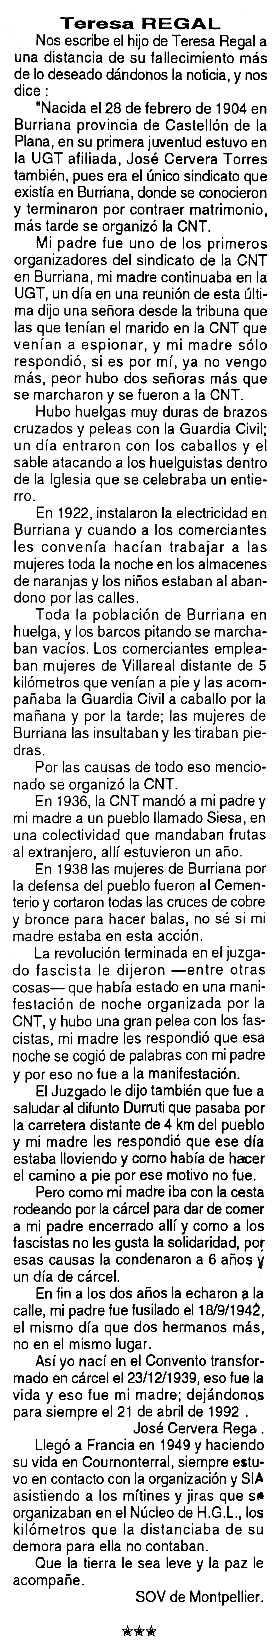 """Necrològica de Teresa Regal apareguda en el periòdic tolosà """"Cenit"""" del 15 de febrer de 1994"""